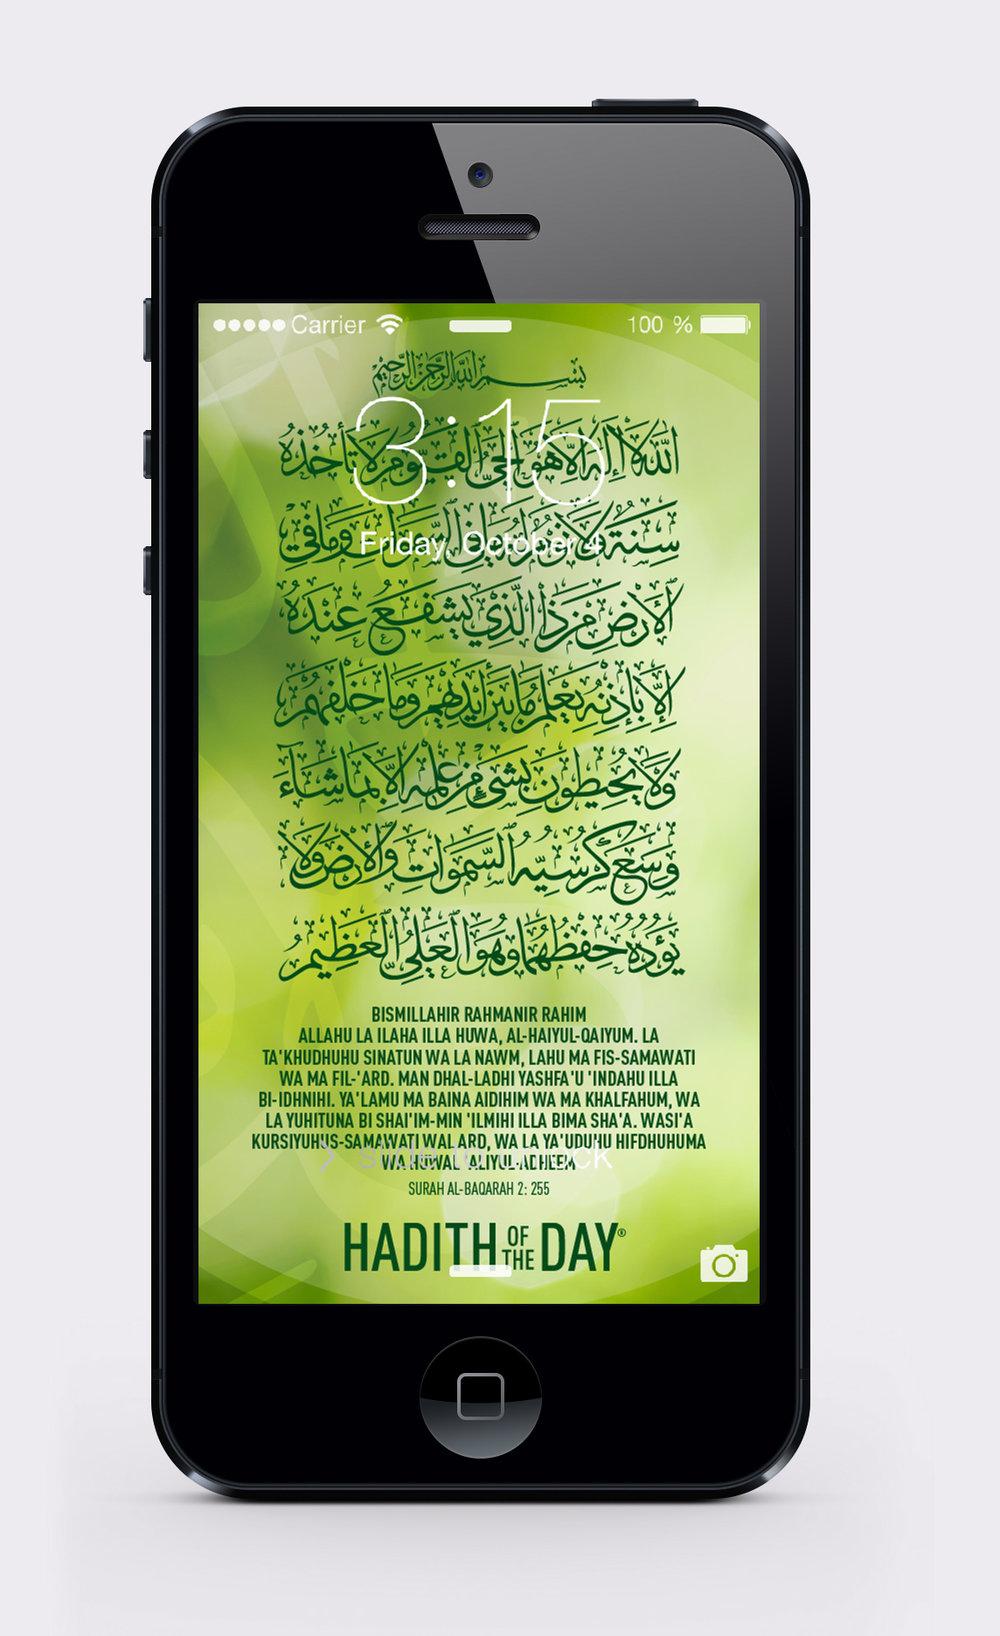 HoTD-06-PhoneWallpaper.jpg